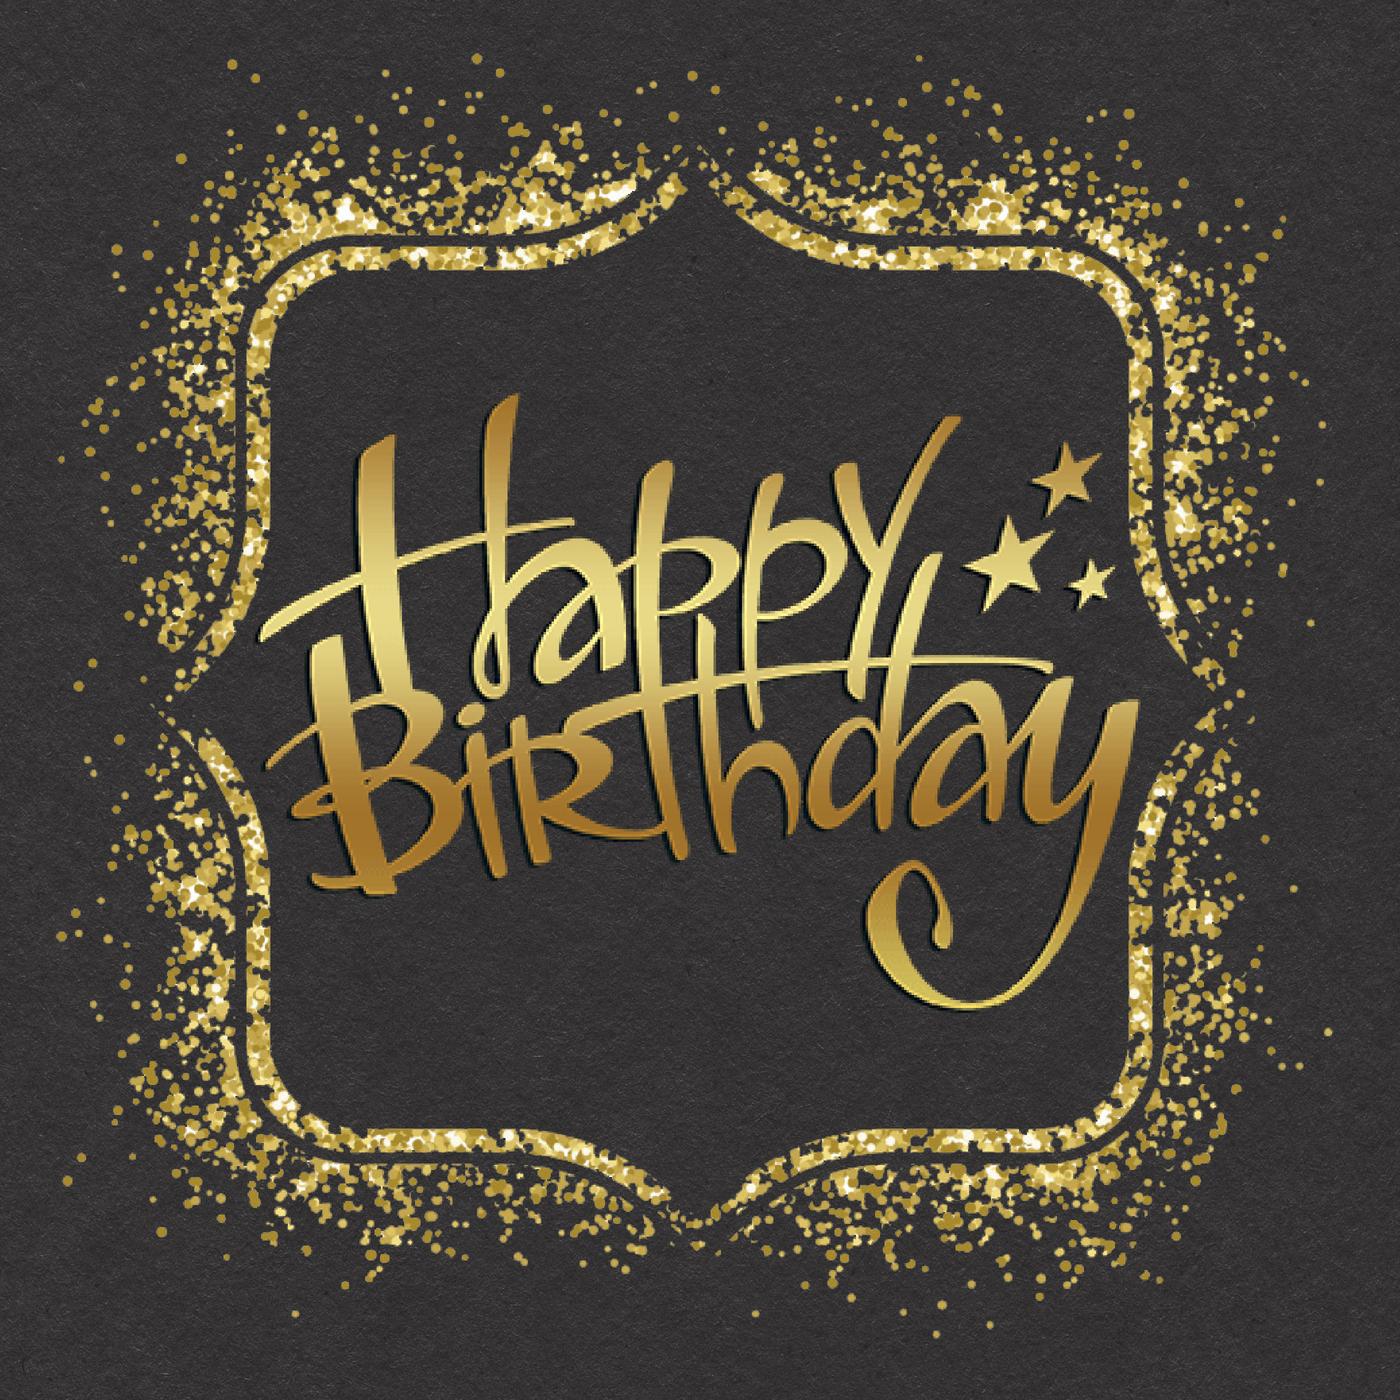 happybirthday Happy birthday images, Kids happy